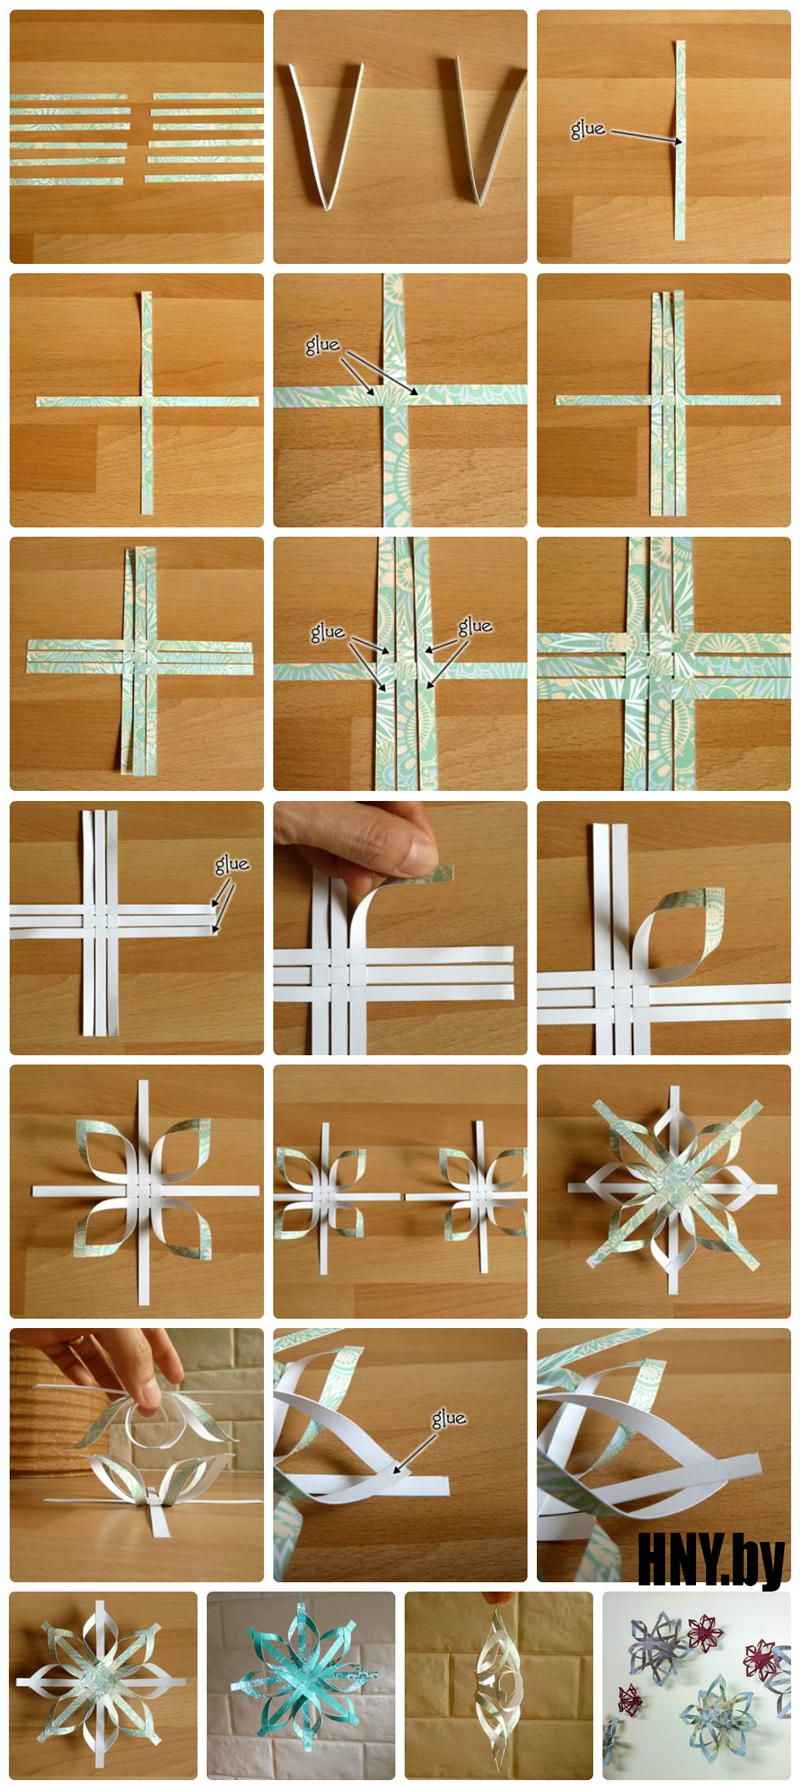 Как сделать объемную снежинку: делаем новогодние поделки из бумаги своими руками